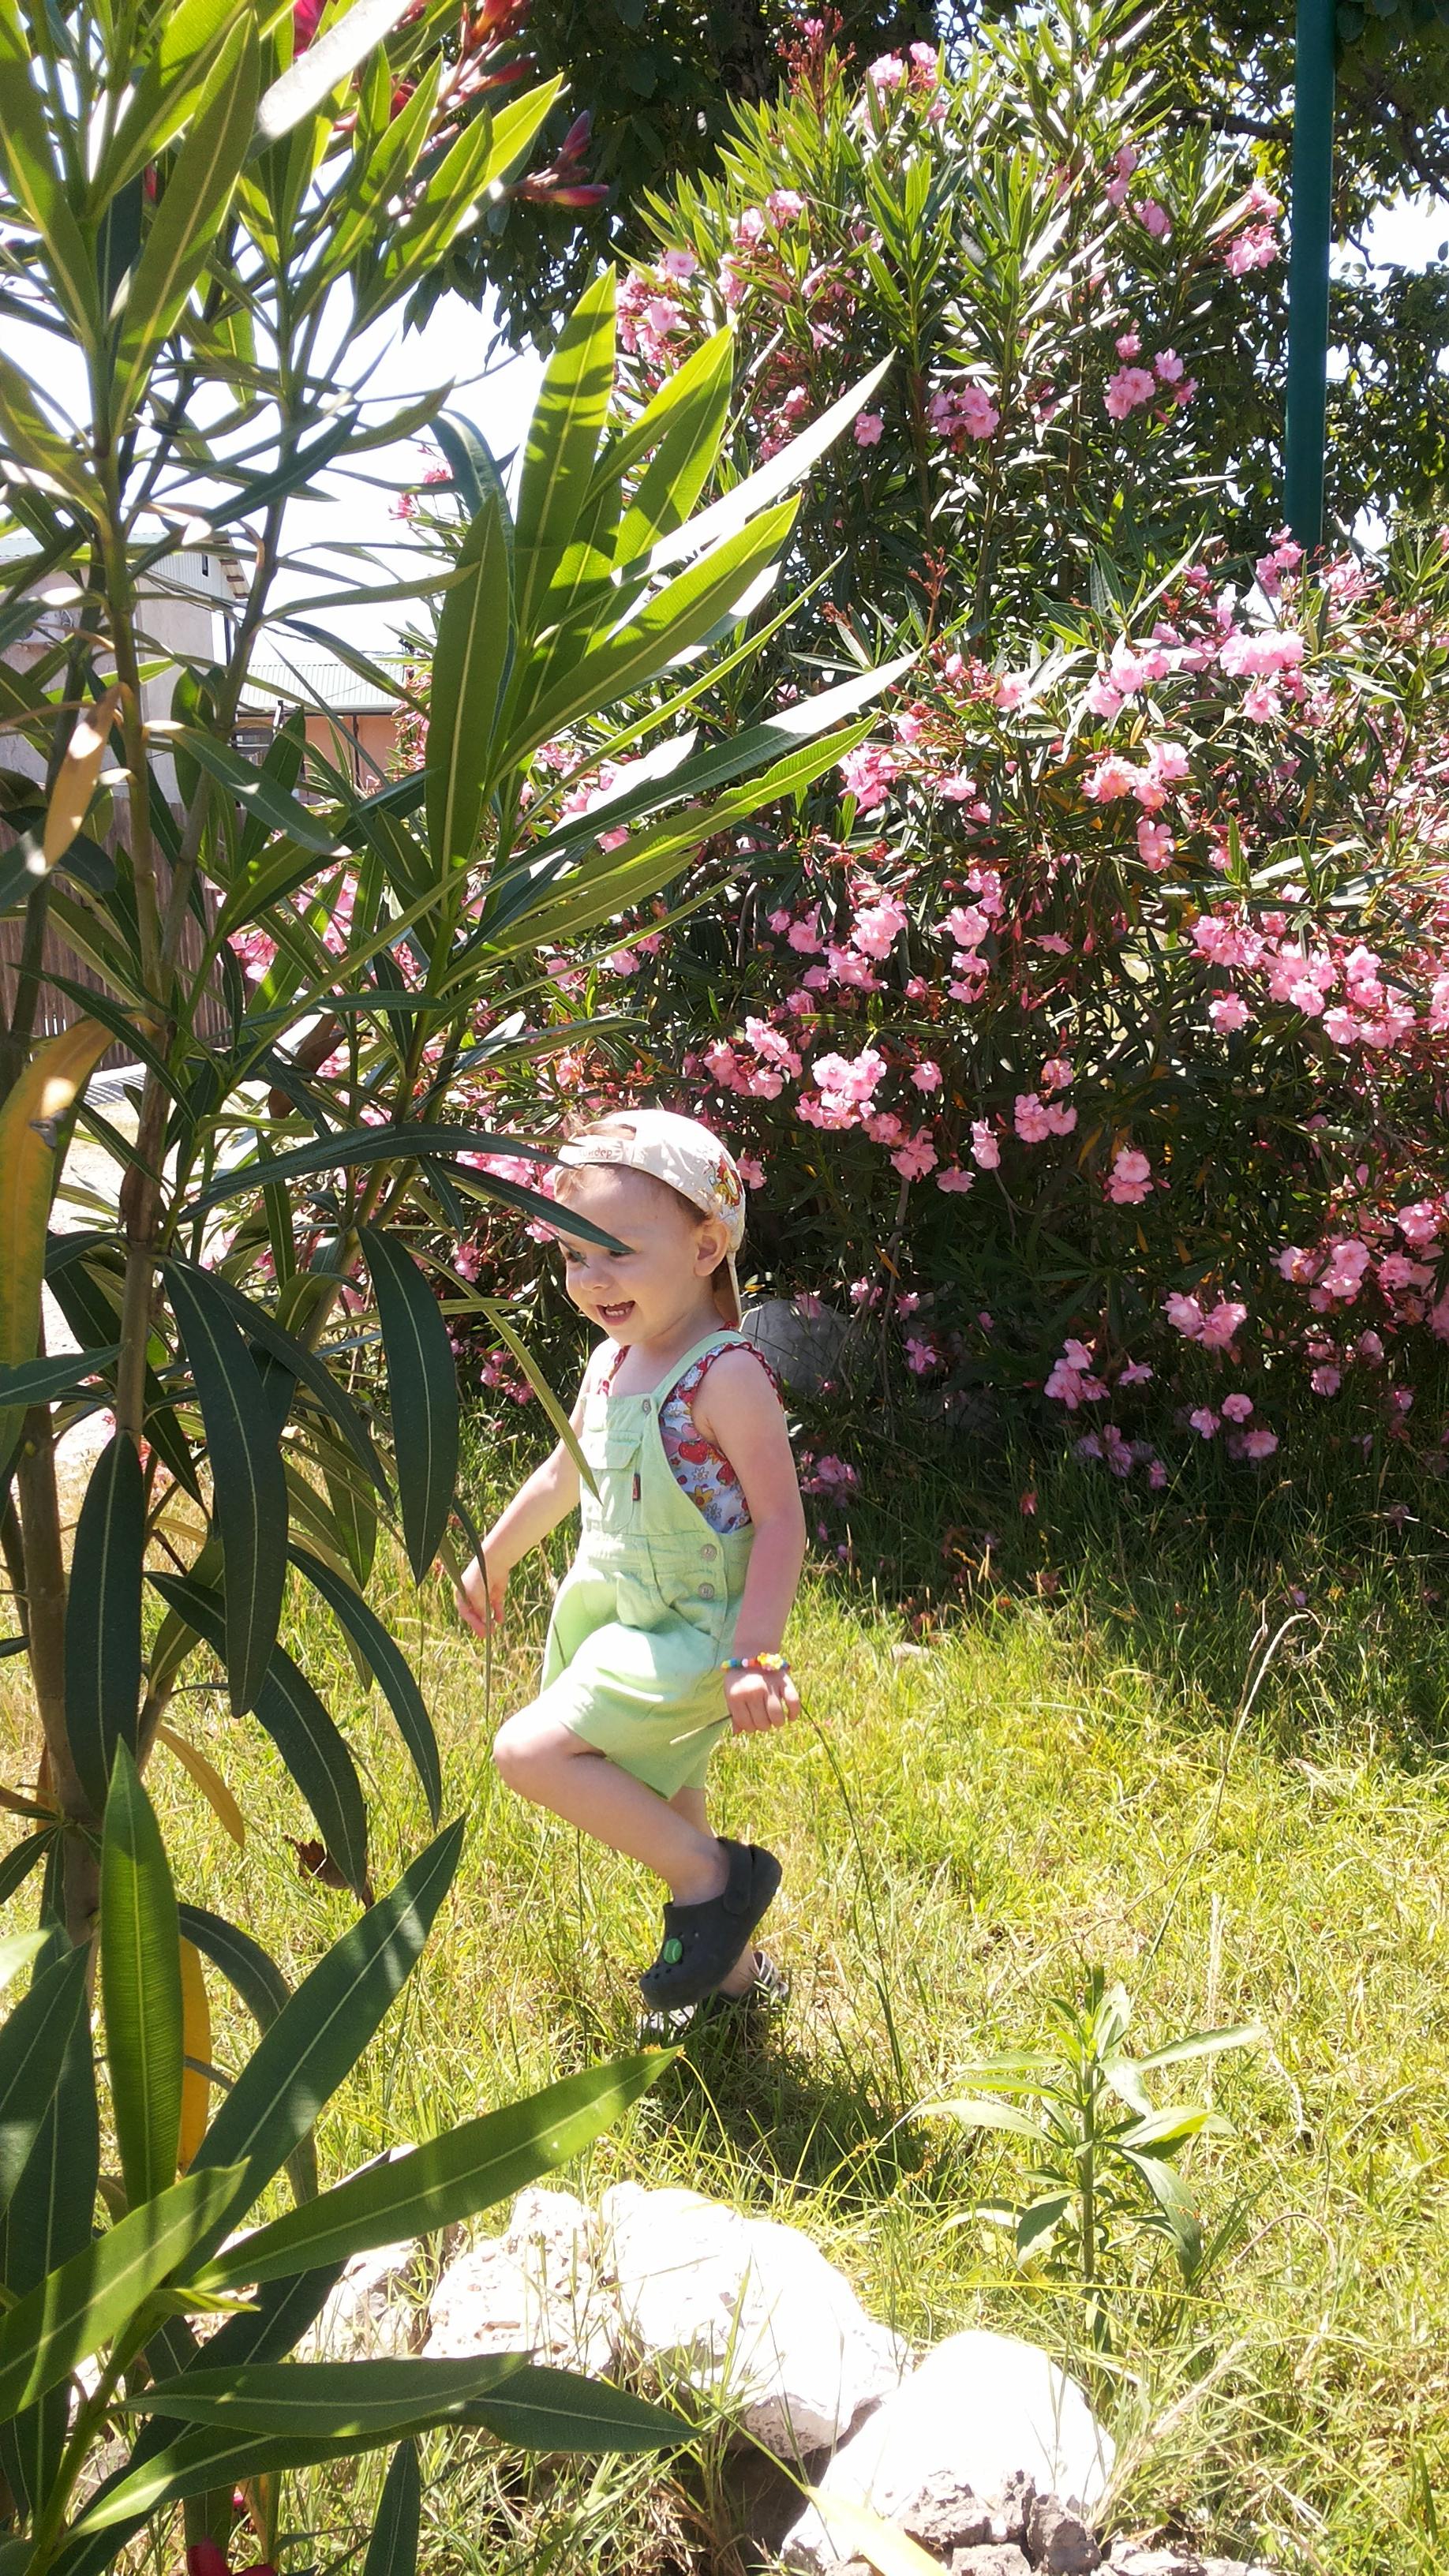 Цветочная прогулка. Летнее настроение